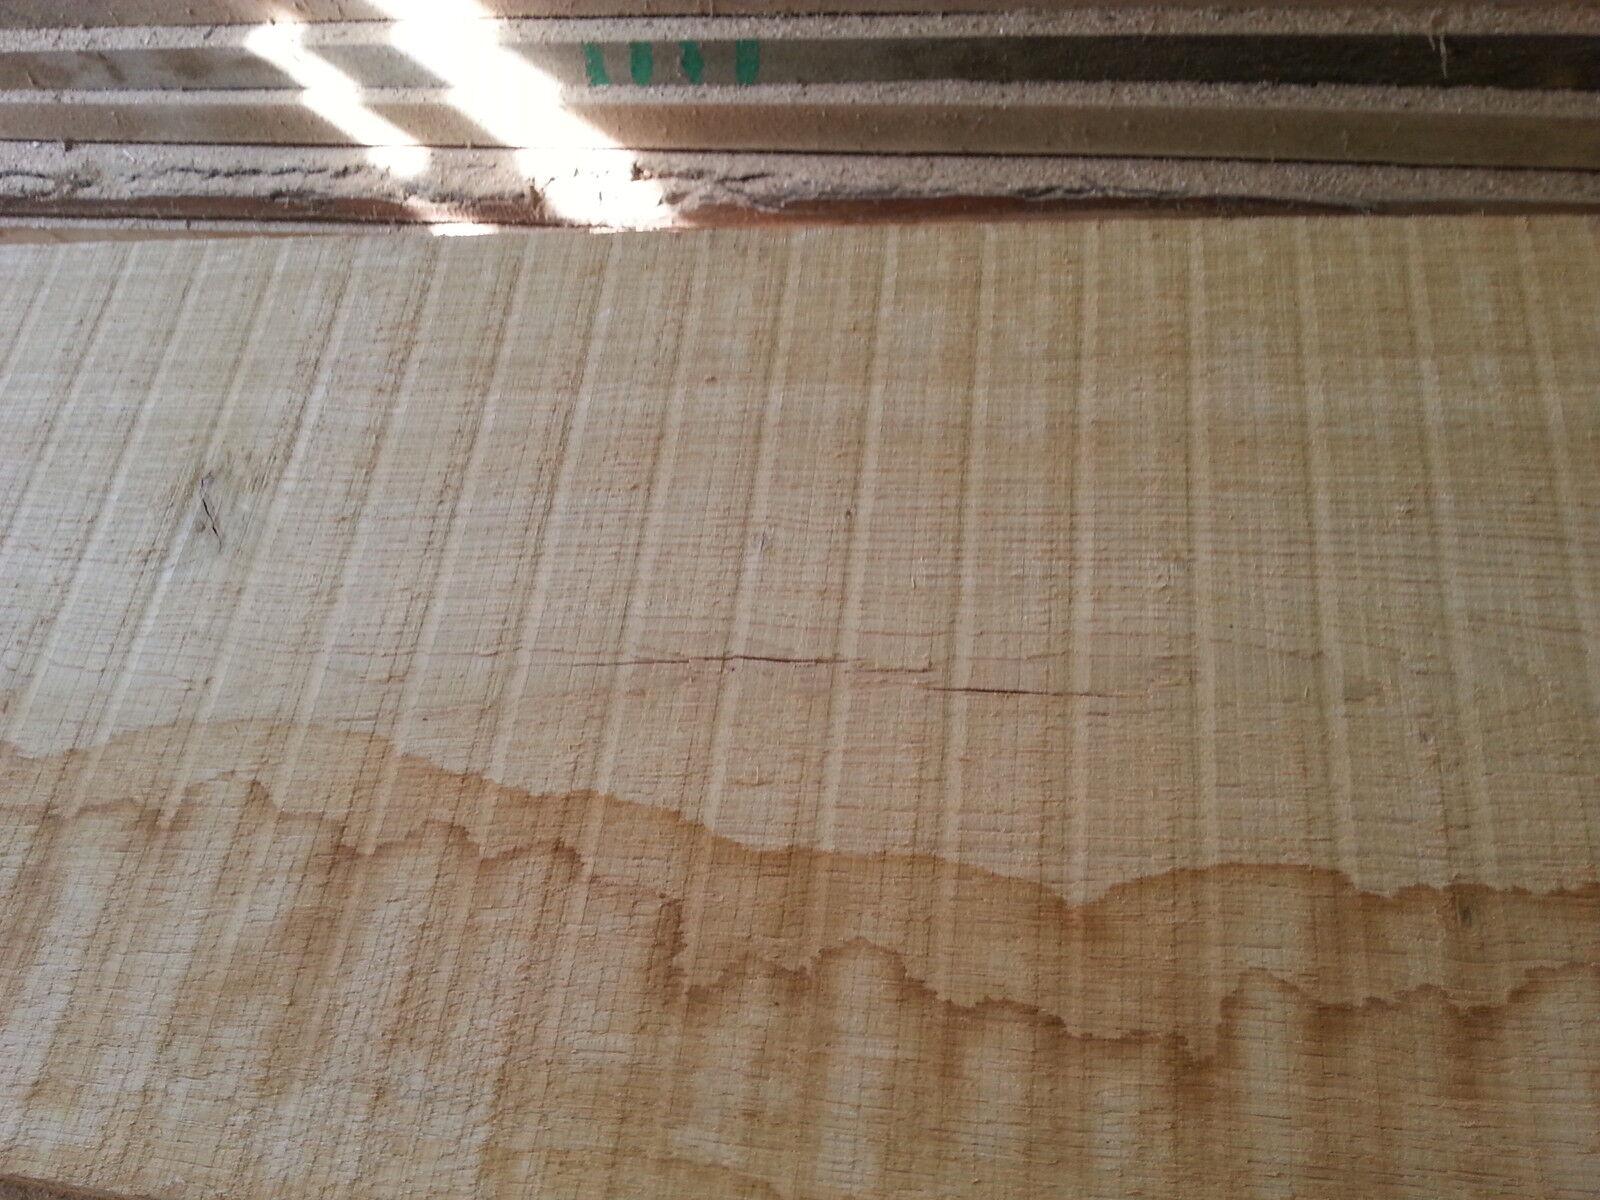 Eichenbohle eiche bohle 6 cm stark 40 cm breit 3 00 m lg for Wohnlandschaft 3 00 meter breit